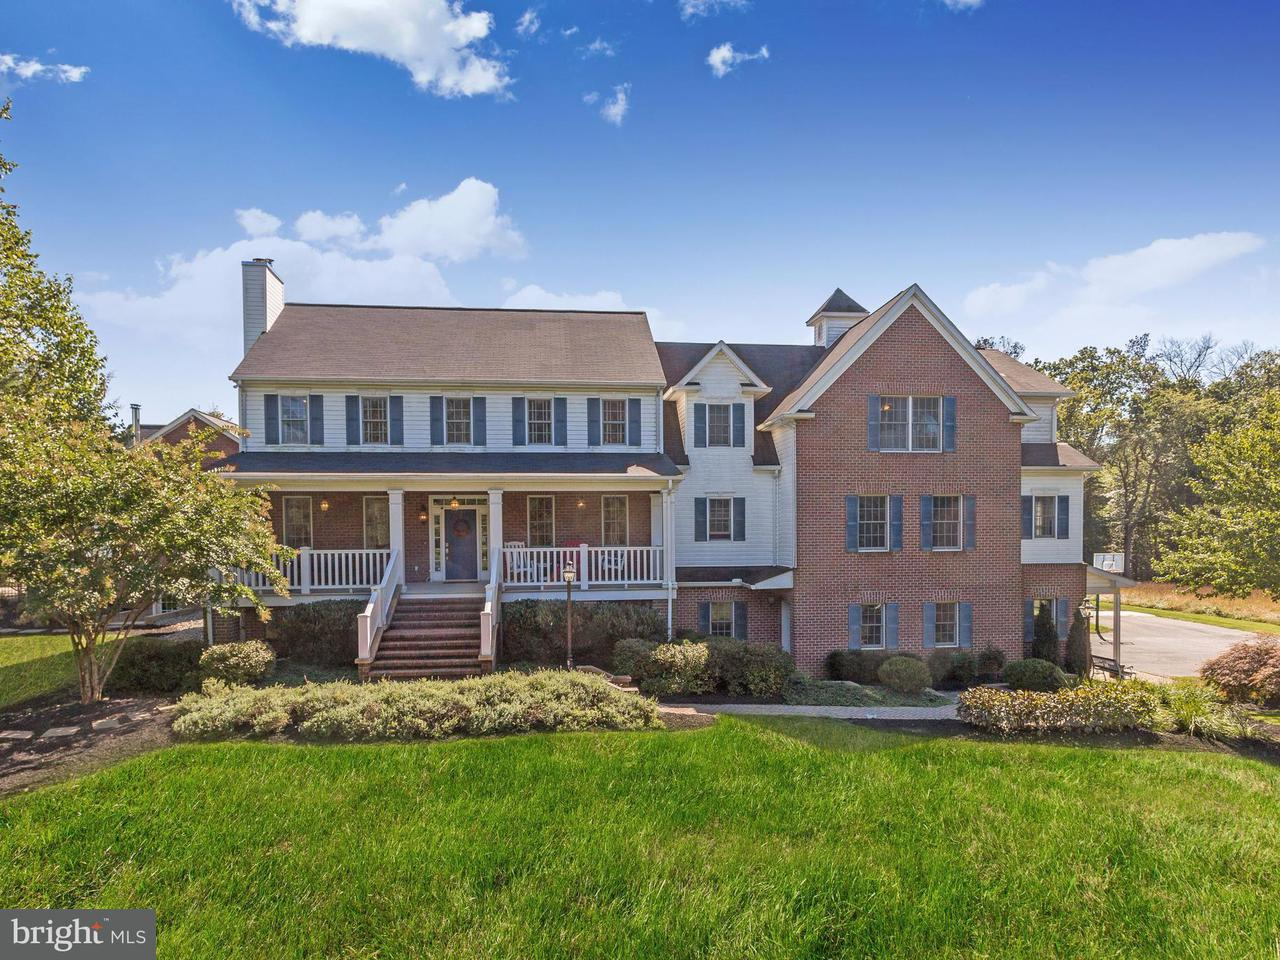 Частный односемейный дом для того Продажа на 5027 Kemp Road 5027 Kemp Road Reisterstown, Мэриленд 21136 Соединенные Штаты